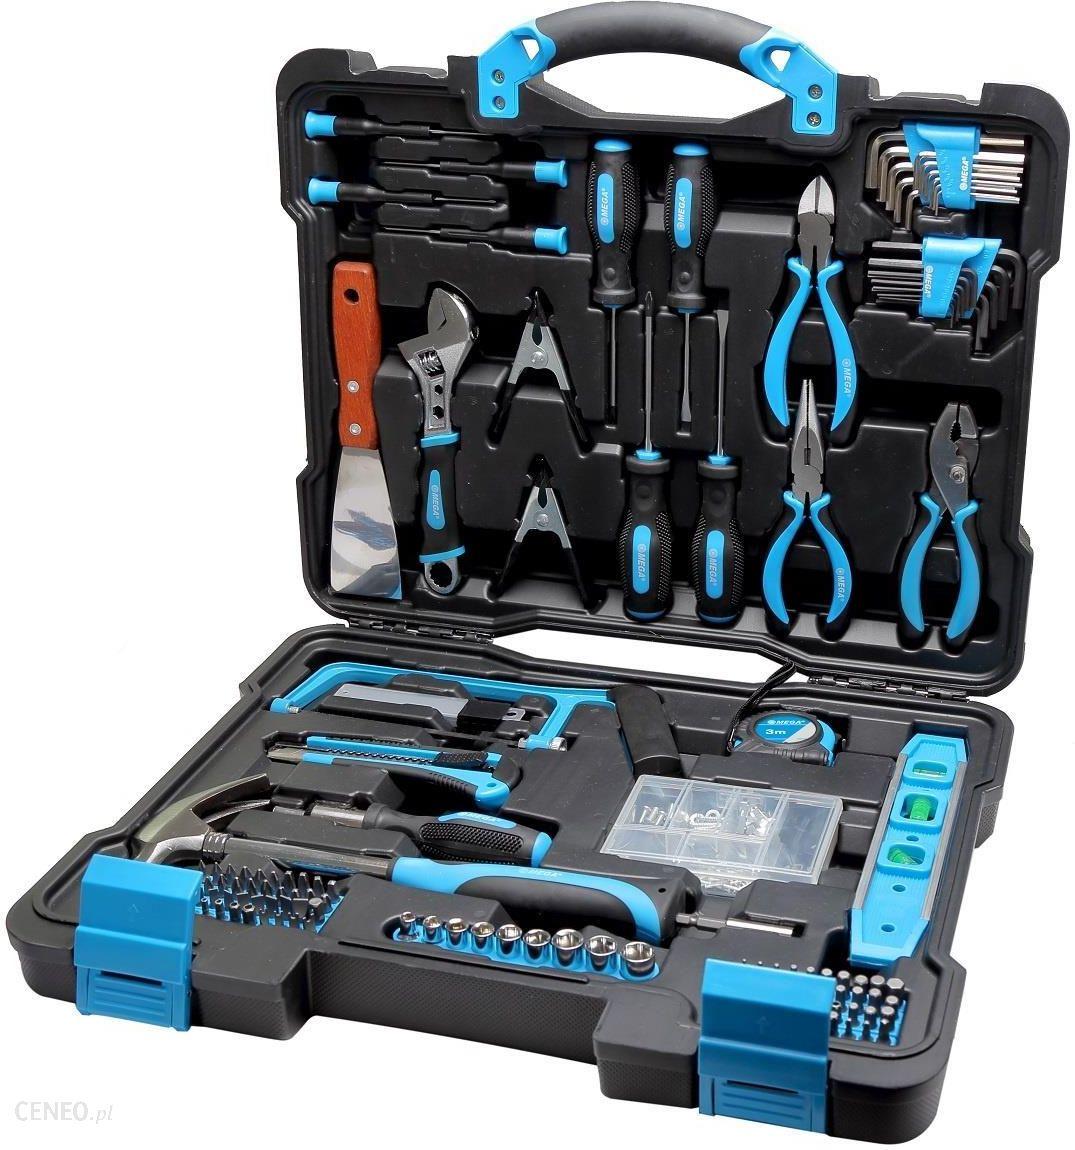 aa33dbbeb05621 Zestaw narzędziowy Mega Zestaw narzędzi 144 elementy 58144 - Opinie ...